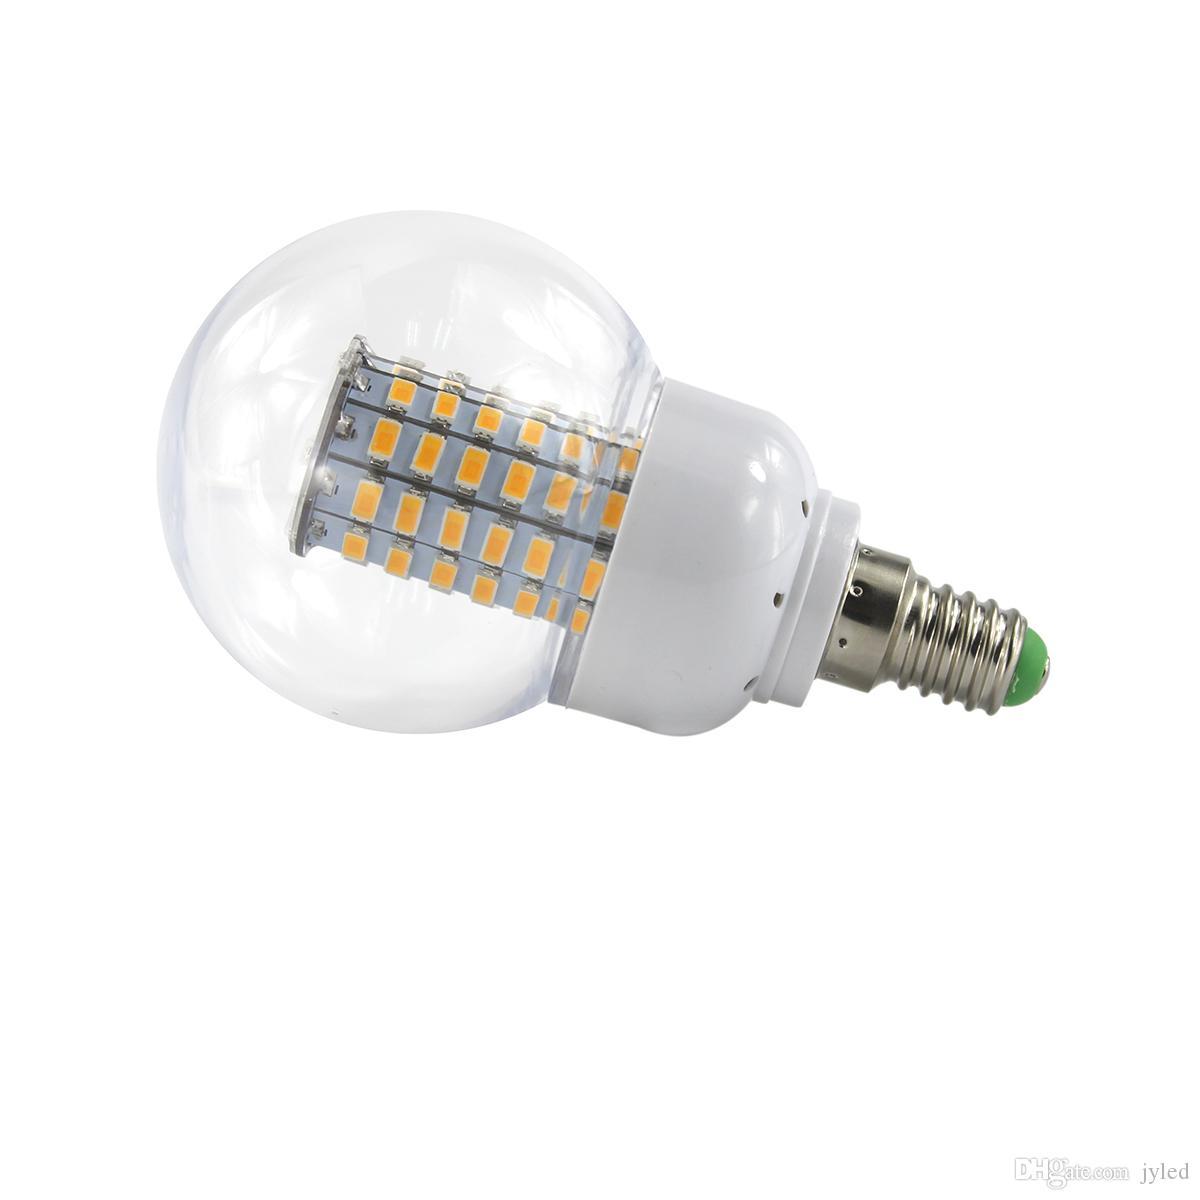 Lampadine Led E14.5x Lampadine Led E14 220v Corn Bulb Lamp Ac 12 24 Volt Led Bulbs Smd5730 69leds 86 265v 360 Degree Super Bright Light Ampolletas Color Changing Led